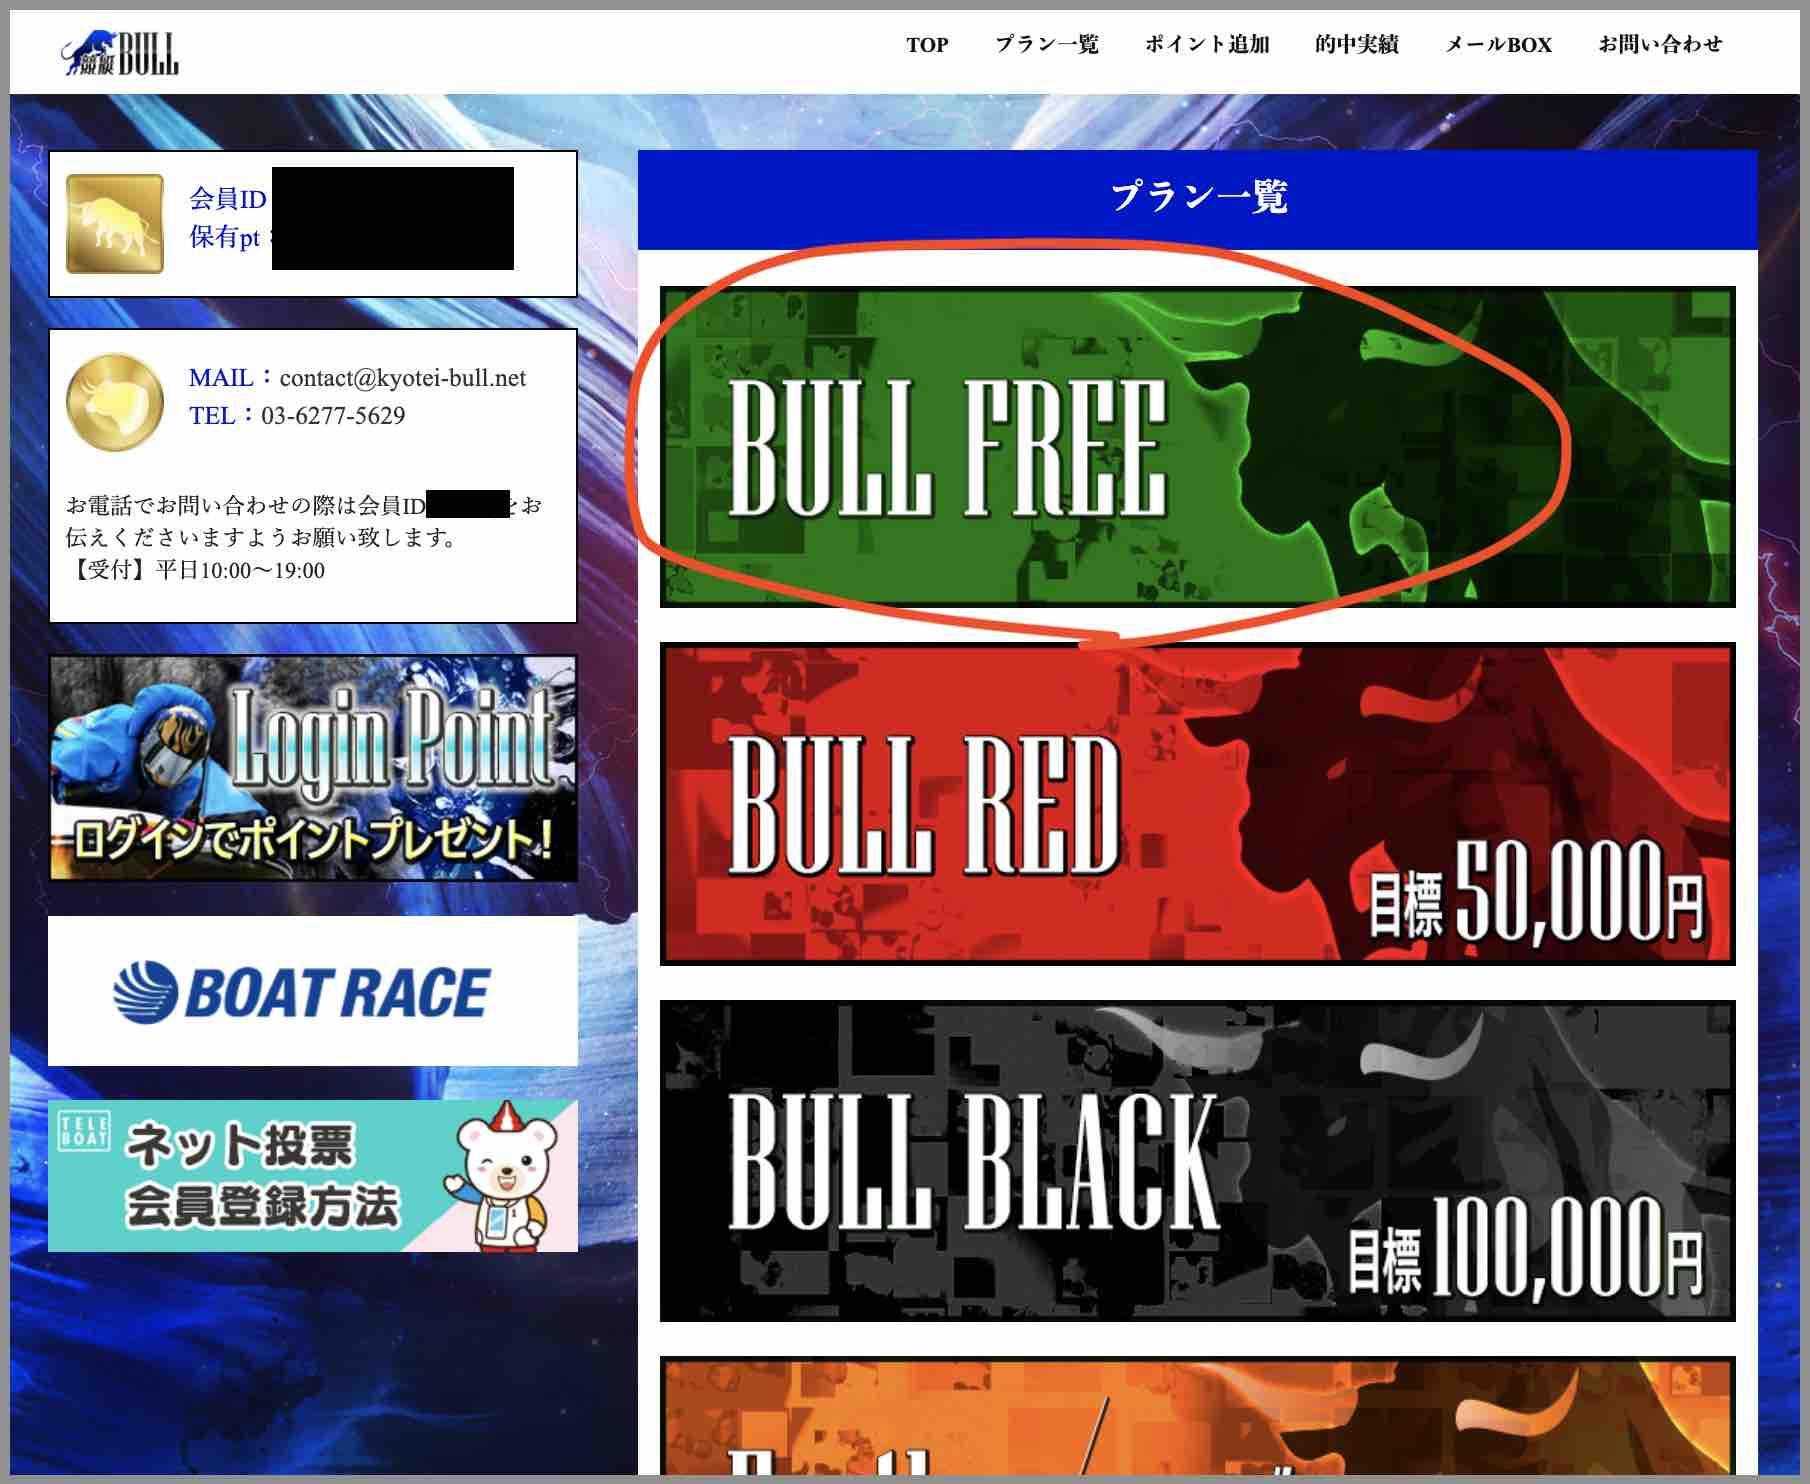 競艇BULL(競艇ブル)という競艇予想サイト(ボートレース予想サイト)の無料予想(無料情報)という競艇予想サイト(ボートレース予想サイト)の無料予想(無料情報)を確認する